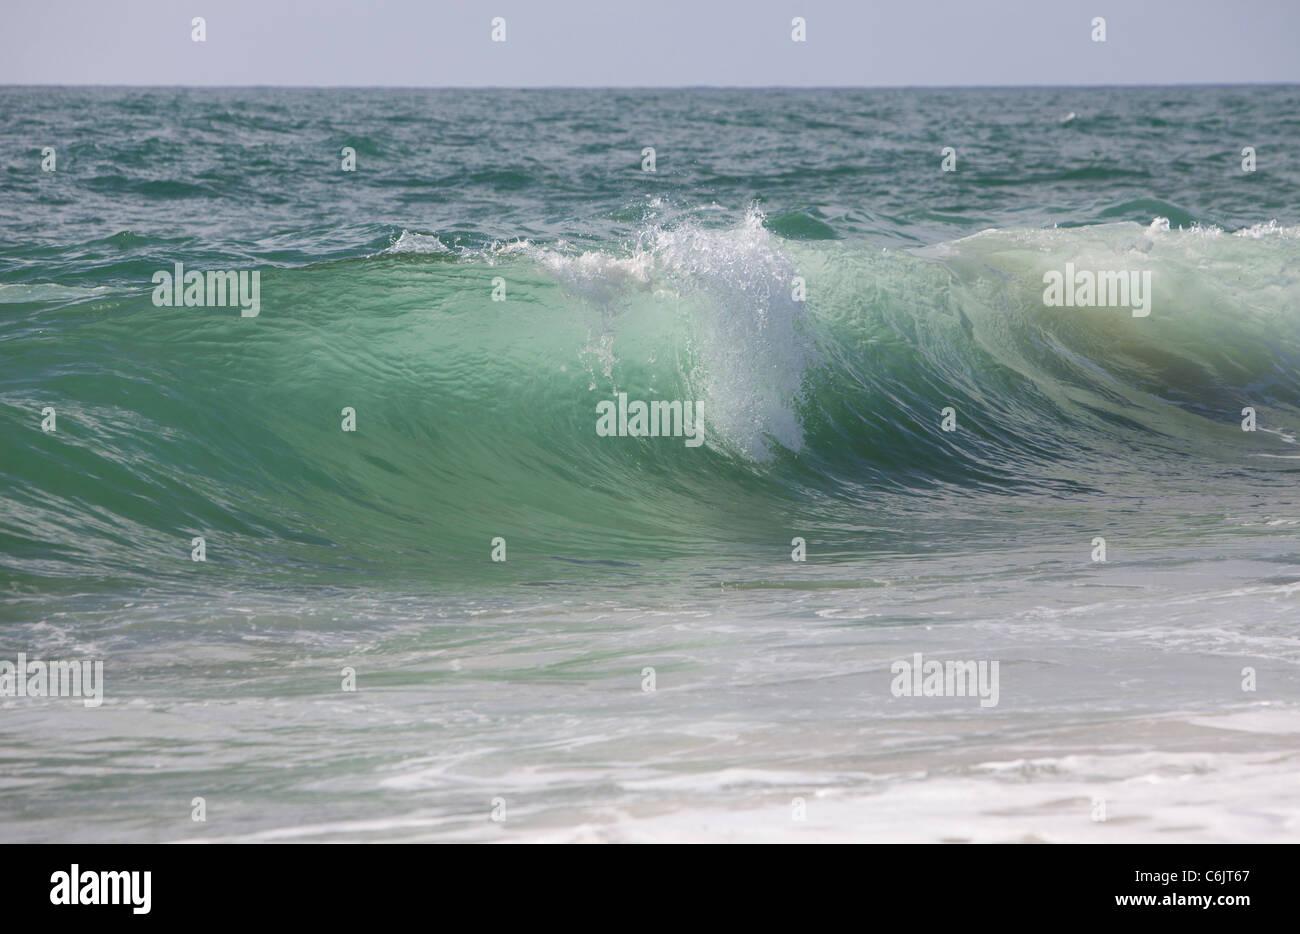 Plage mer océan vagues de fond de l'eau couleurs ouvrir Photo Stock